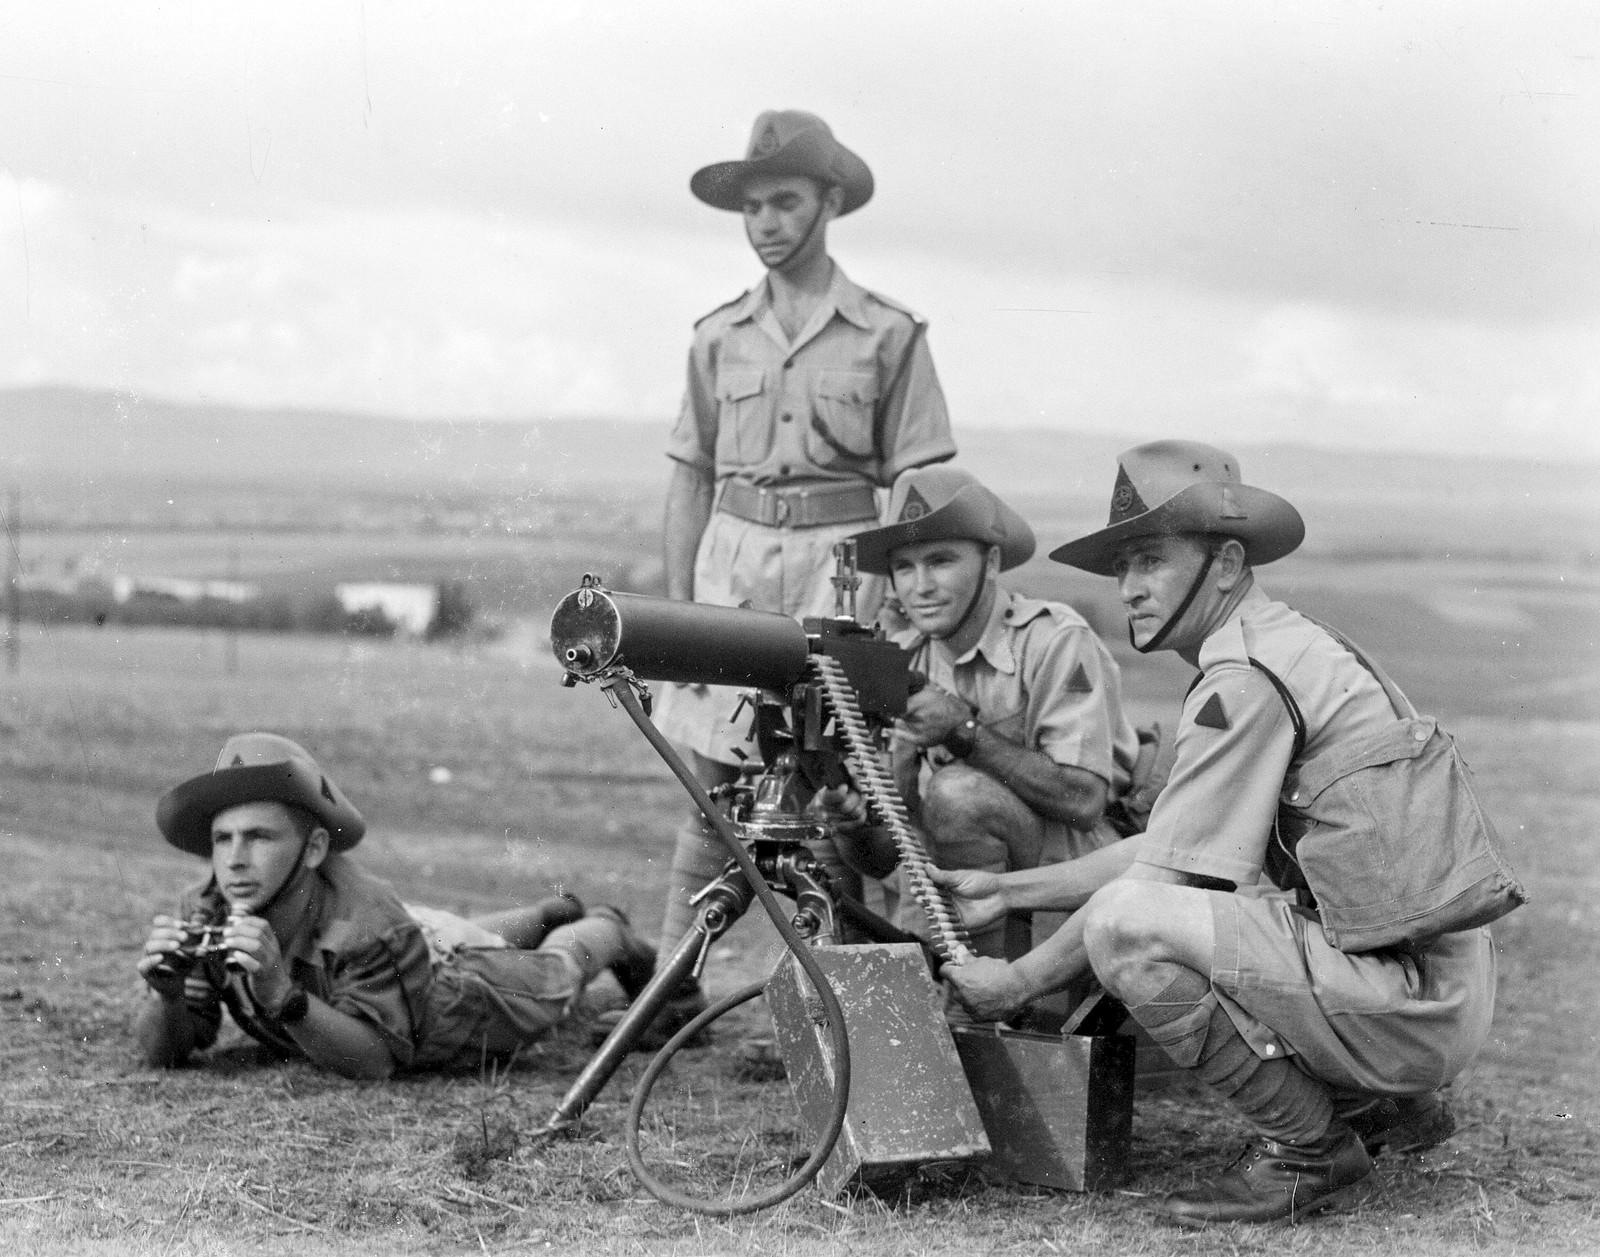 08. 1942. Еврейская поселенческая полиция во время полевых занятий на учебной базе в «Кфар Еладим»